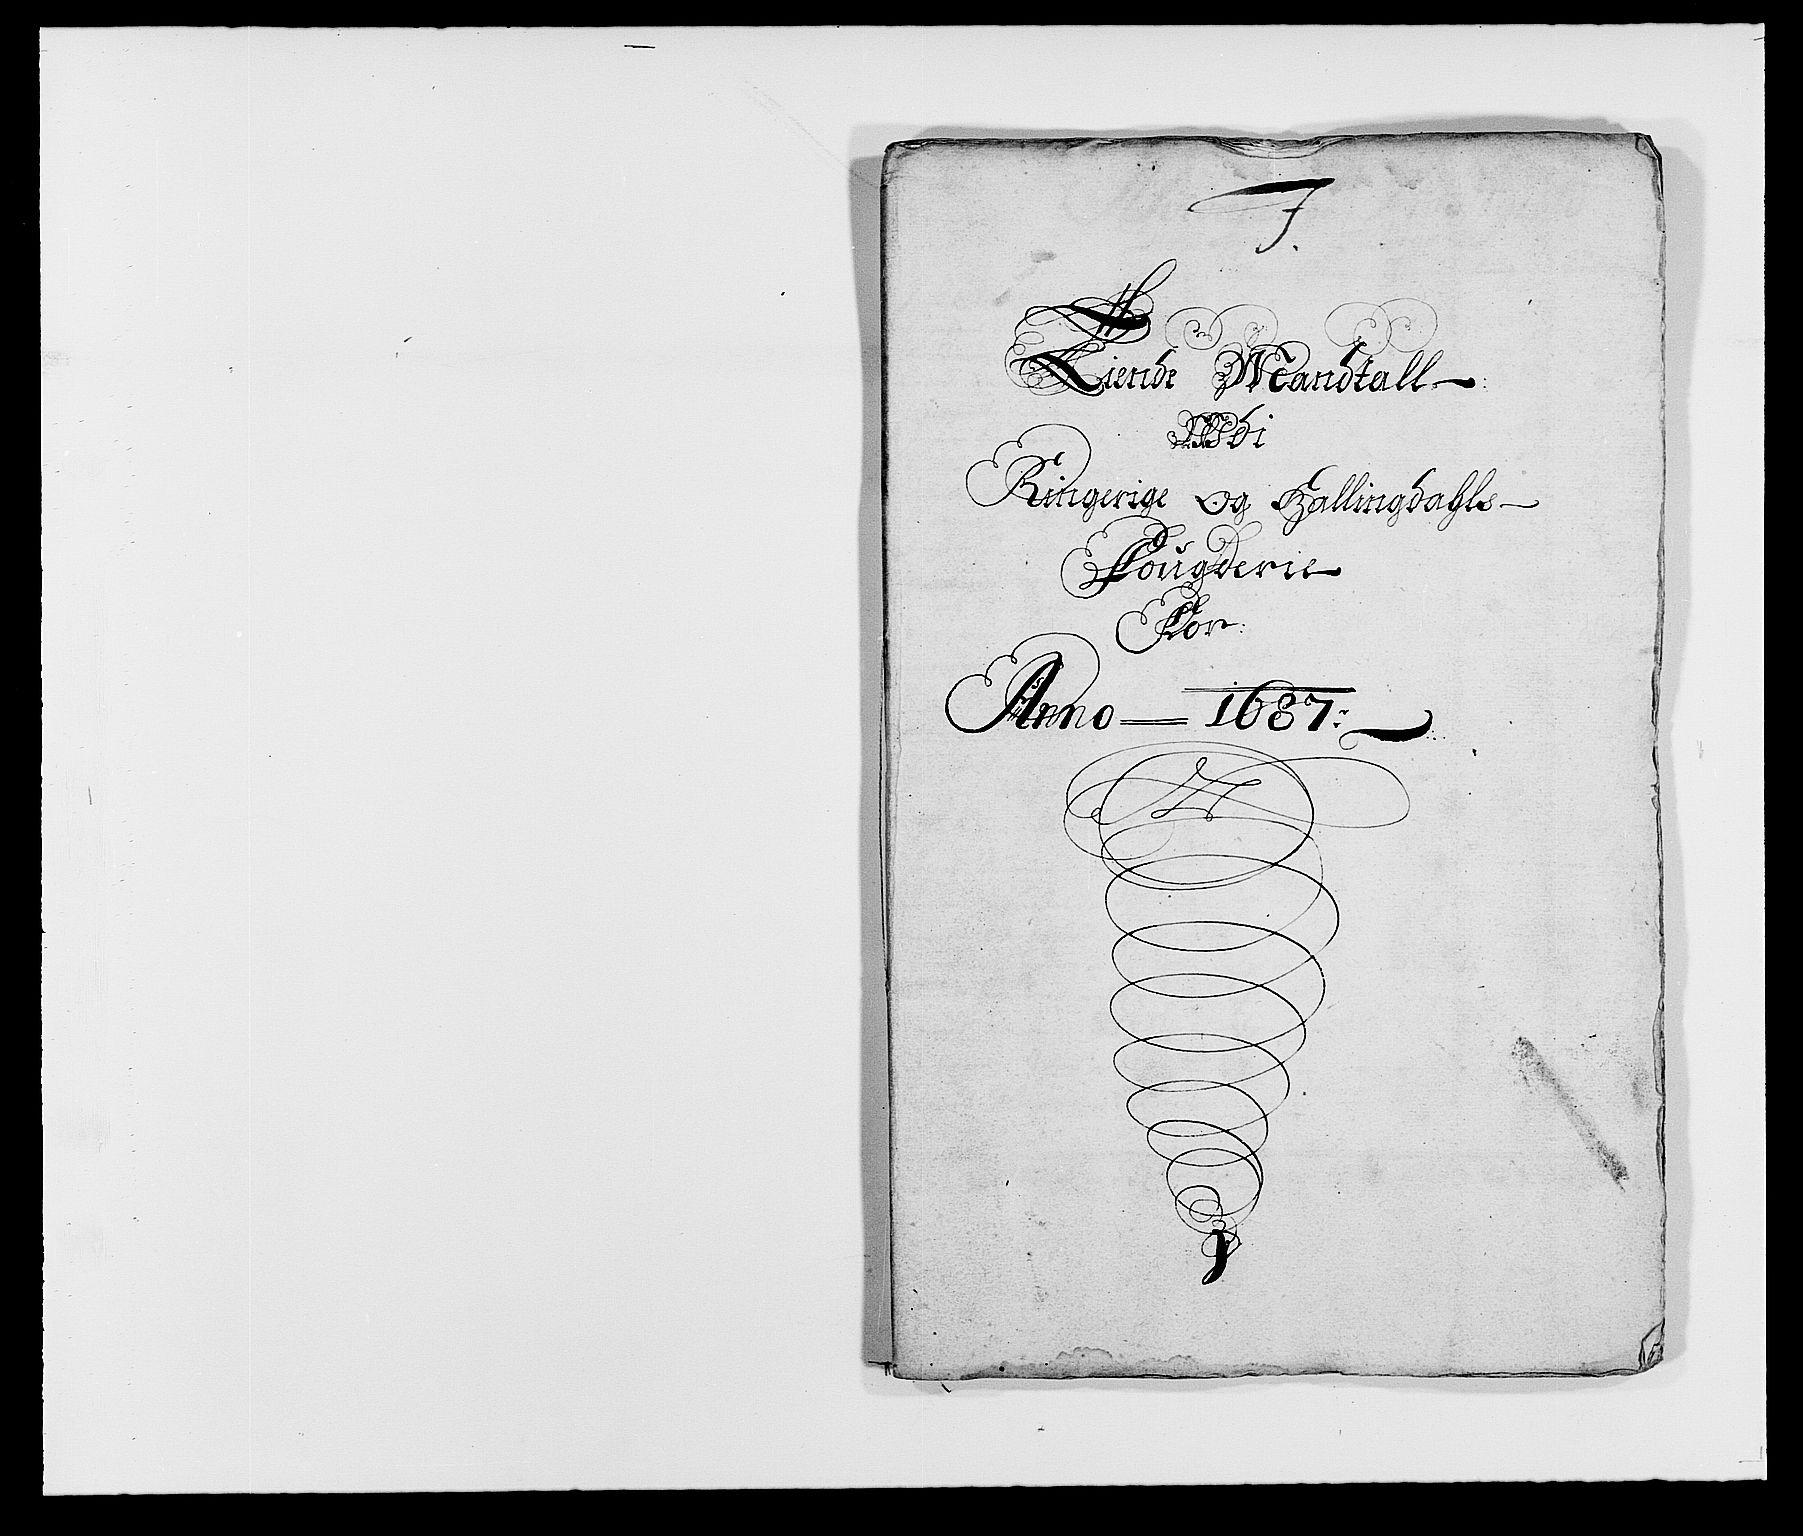 RA, Rentekammeret inntil 1814, Reviderte regnskaper, Fogderegnskap, R21/L1447: Fogderegnskap Ringerike og Hallingdal, 1687-1689, s. 79